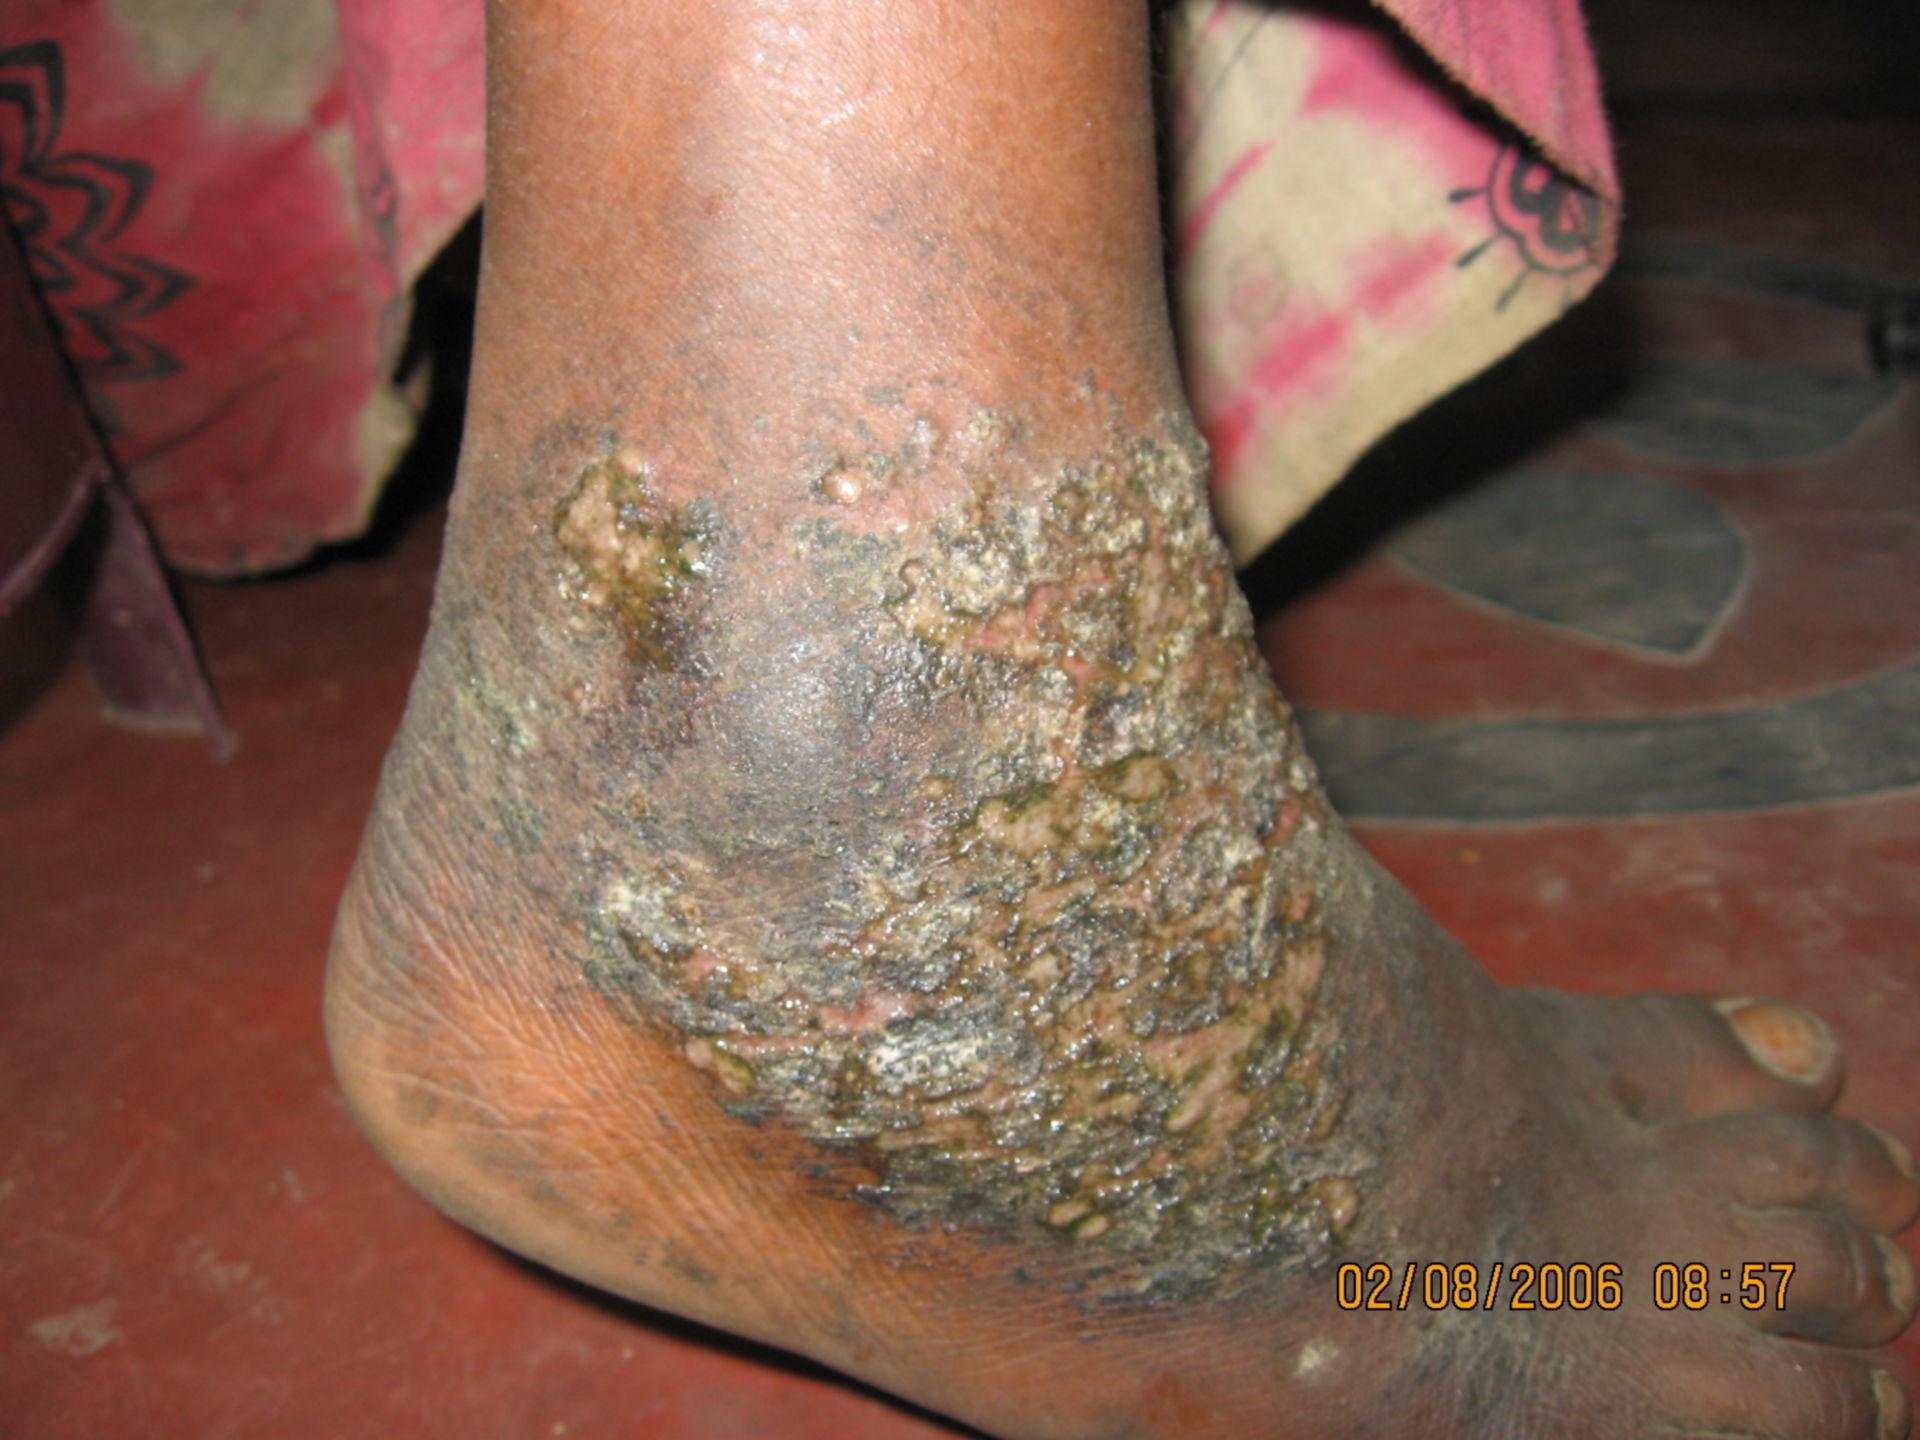 Infezione della pelle